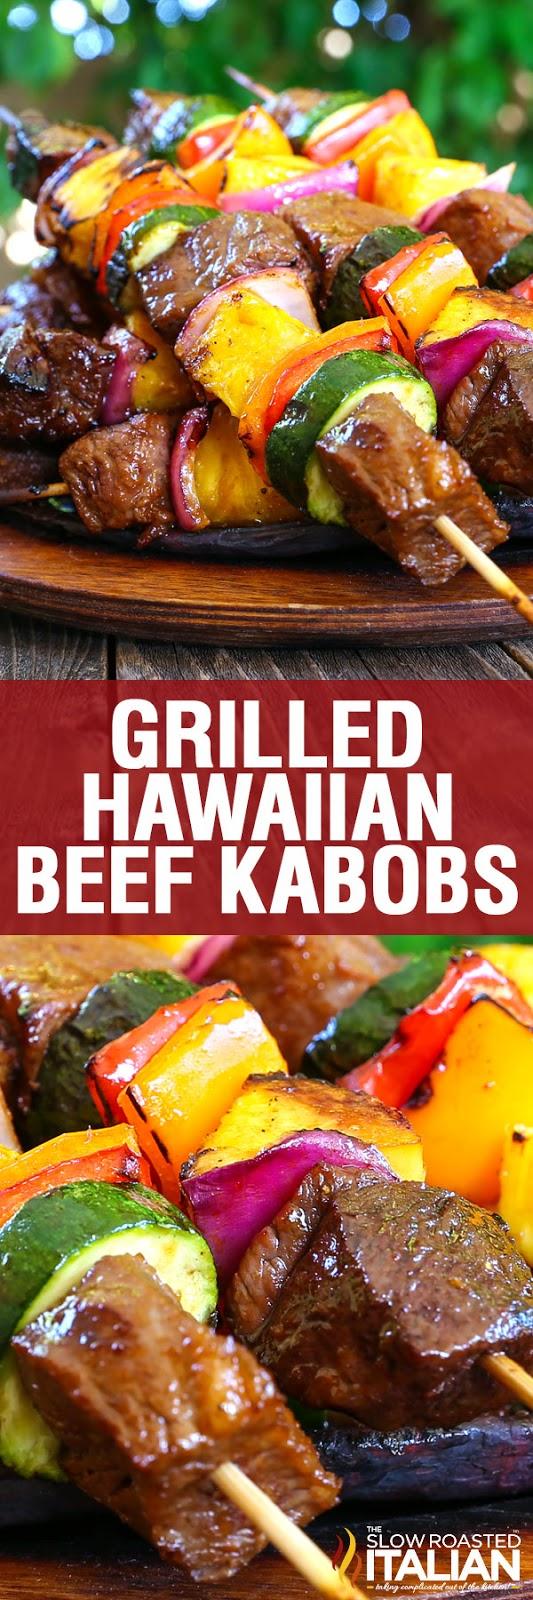 http://www.theslowroasteditalian.com/2016/05/grilled-hawaiian-beef-kabobs-recipe.html